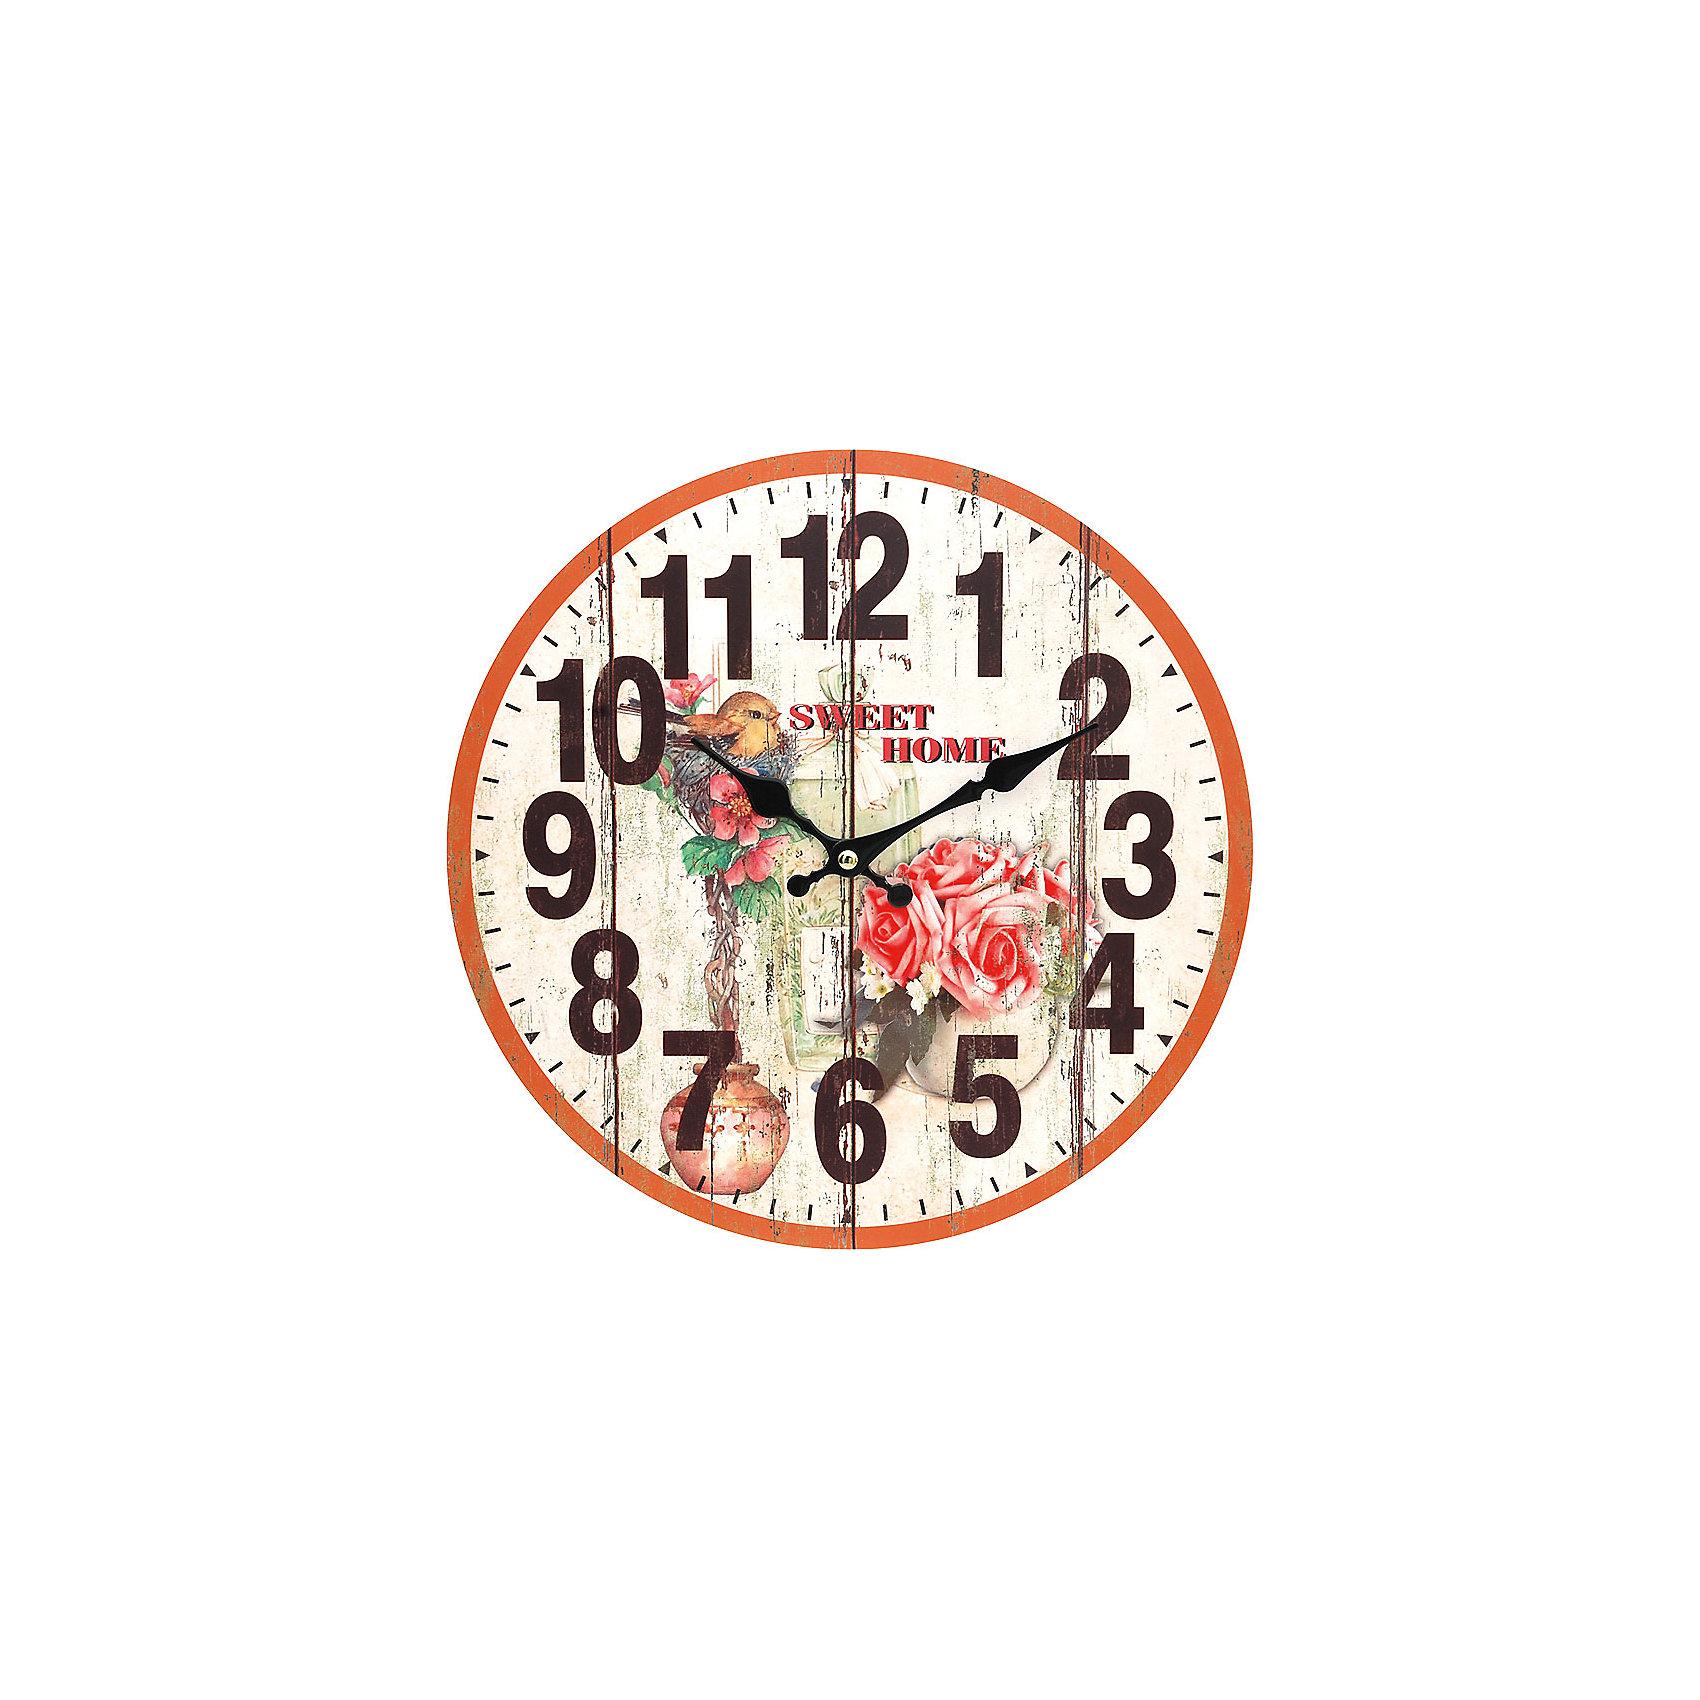 Часы настенные Цветы и птичка, диаметр 34 смПредметы интерьера<br>Часы настенные Цветы и птичка, диаметр 34 см.<br><br>Характеристики:<br><br>- Диаметр: 34 см.<br>- Две стрелки часовая и минутная<br>- Батарейка: 1 типа АА (в комплект не входит)<br>- Цвет: антрацитовый, бледно-розовый, кремовый<br>- Упаковка картонная коробка<br><br>Кварцевые настенные часы с механизмом плавного хода помимо своего прямого назначения – показывать точное время – станут важным элементом декора Вашего дома, квартиры или офиса. Открытый циферблат часов выполнен из листа оргалита с декоративным покрытием, оформлен изображением цветочной композиции и птенца, сидящего в гнездышке. Часовая и минутная стрелки металлические. Часовой механизм закрыт пластиковым корпусом. Часы будут стильным акцентом в интерьере и создадут дополнительный уют и хорошее настроение.<br><br>Часы настенные Цветы и птичка, диаметр 34 см можно купить в нашем интернет-магазине.<br><br>Ширина мм: 345<br>Глубина мм: 340<br>Высота мм: 45<br>Вес г: 2500<br>Возраст от месяцев: 72<br>Возраст до месяцев: 144<br>Пол: Унисекс<br>Возраст: Детский<br>SKU: 5089825